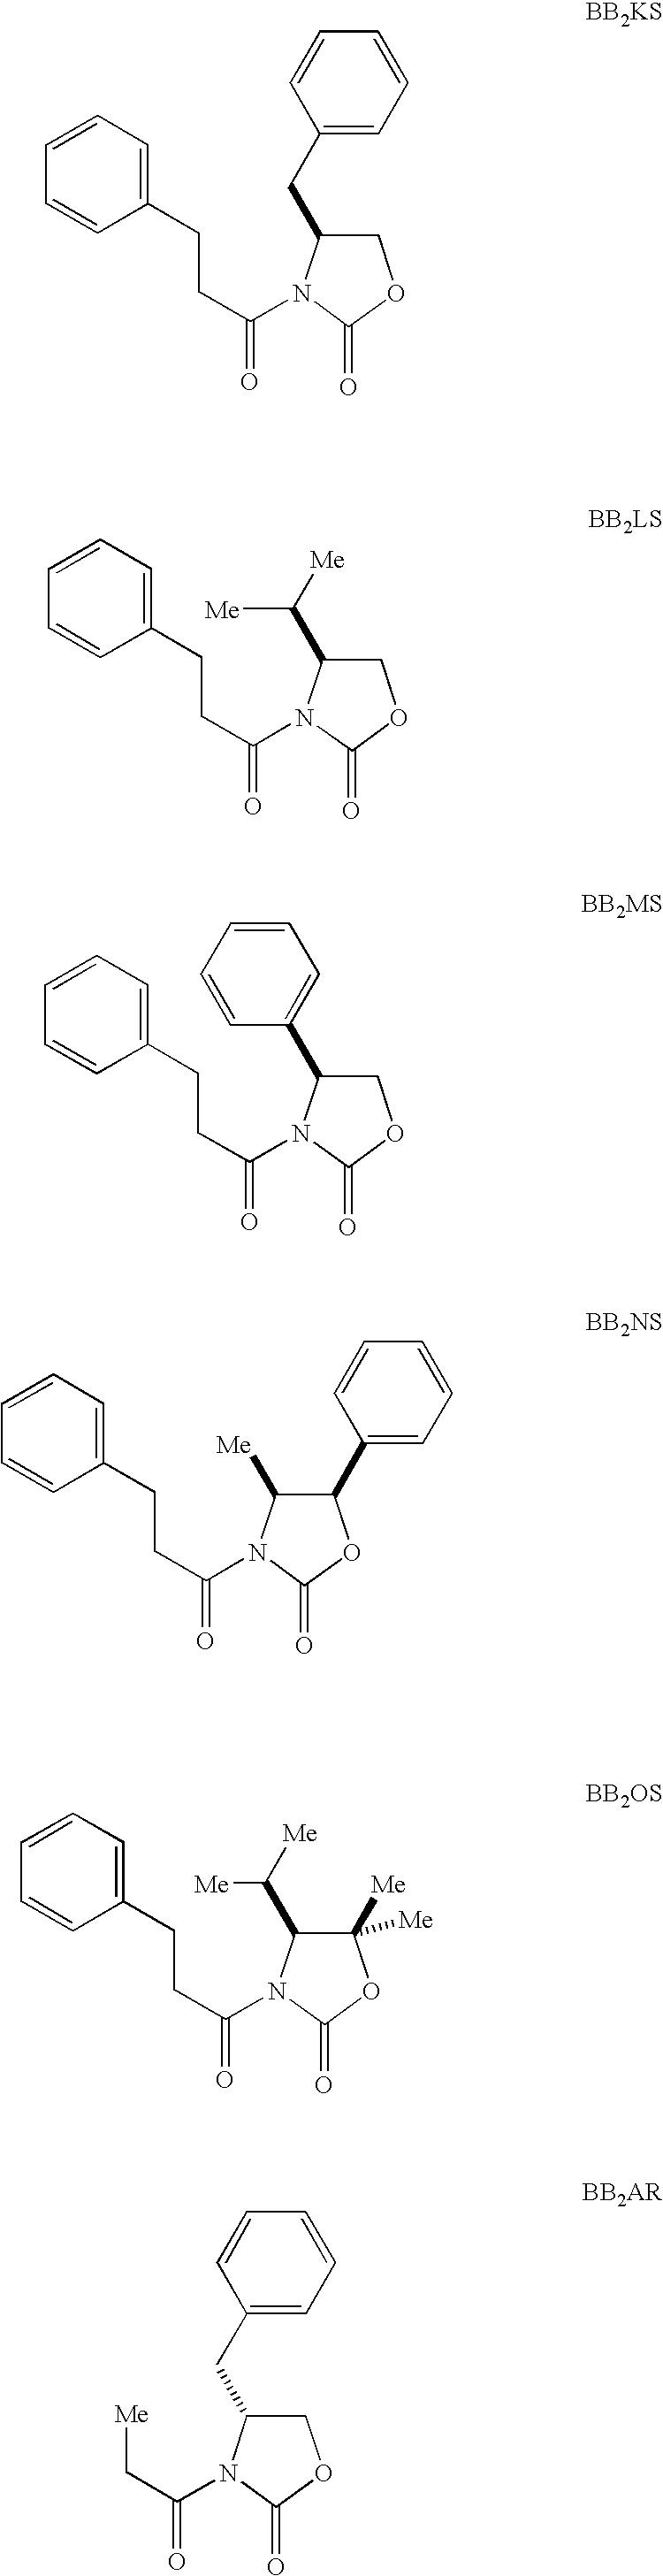 Figure US20040214232A1-20041028-C00070